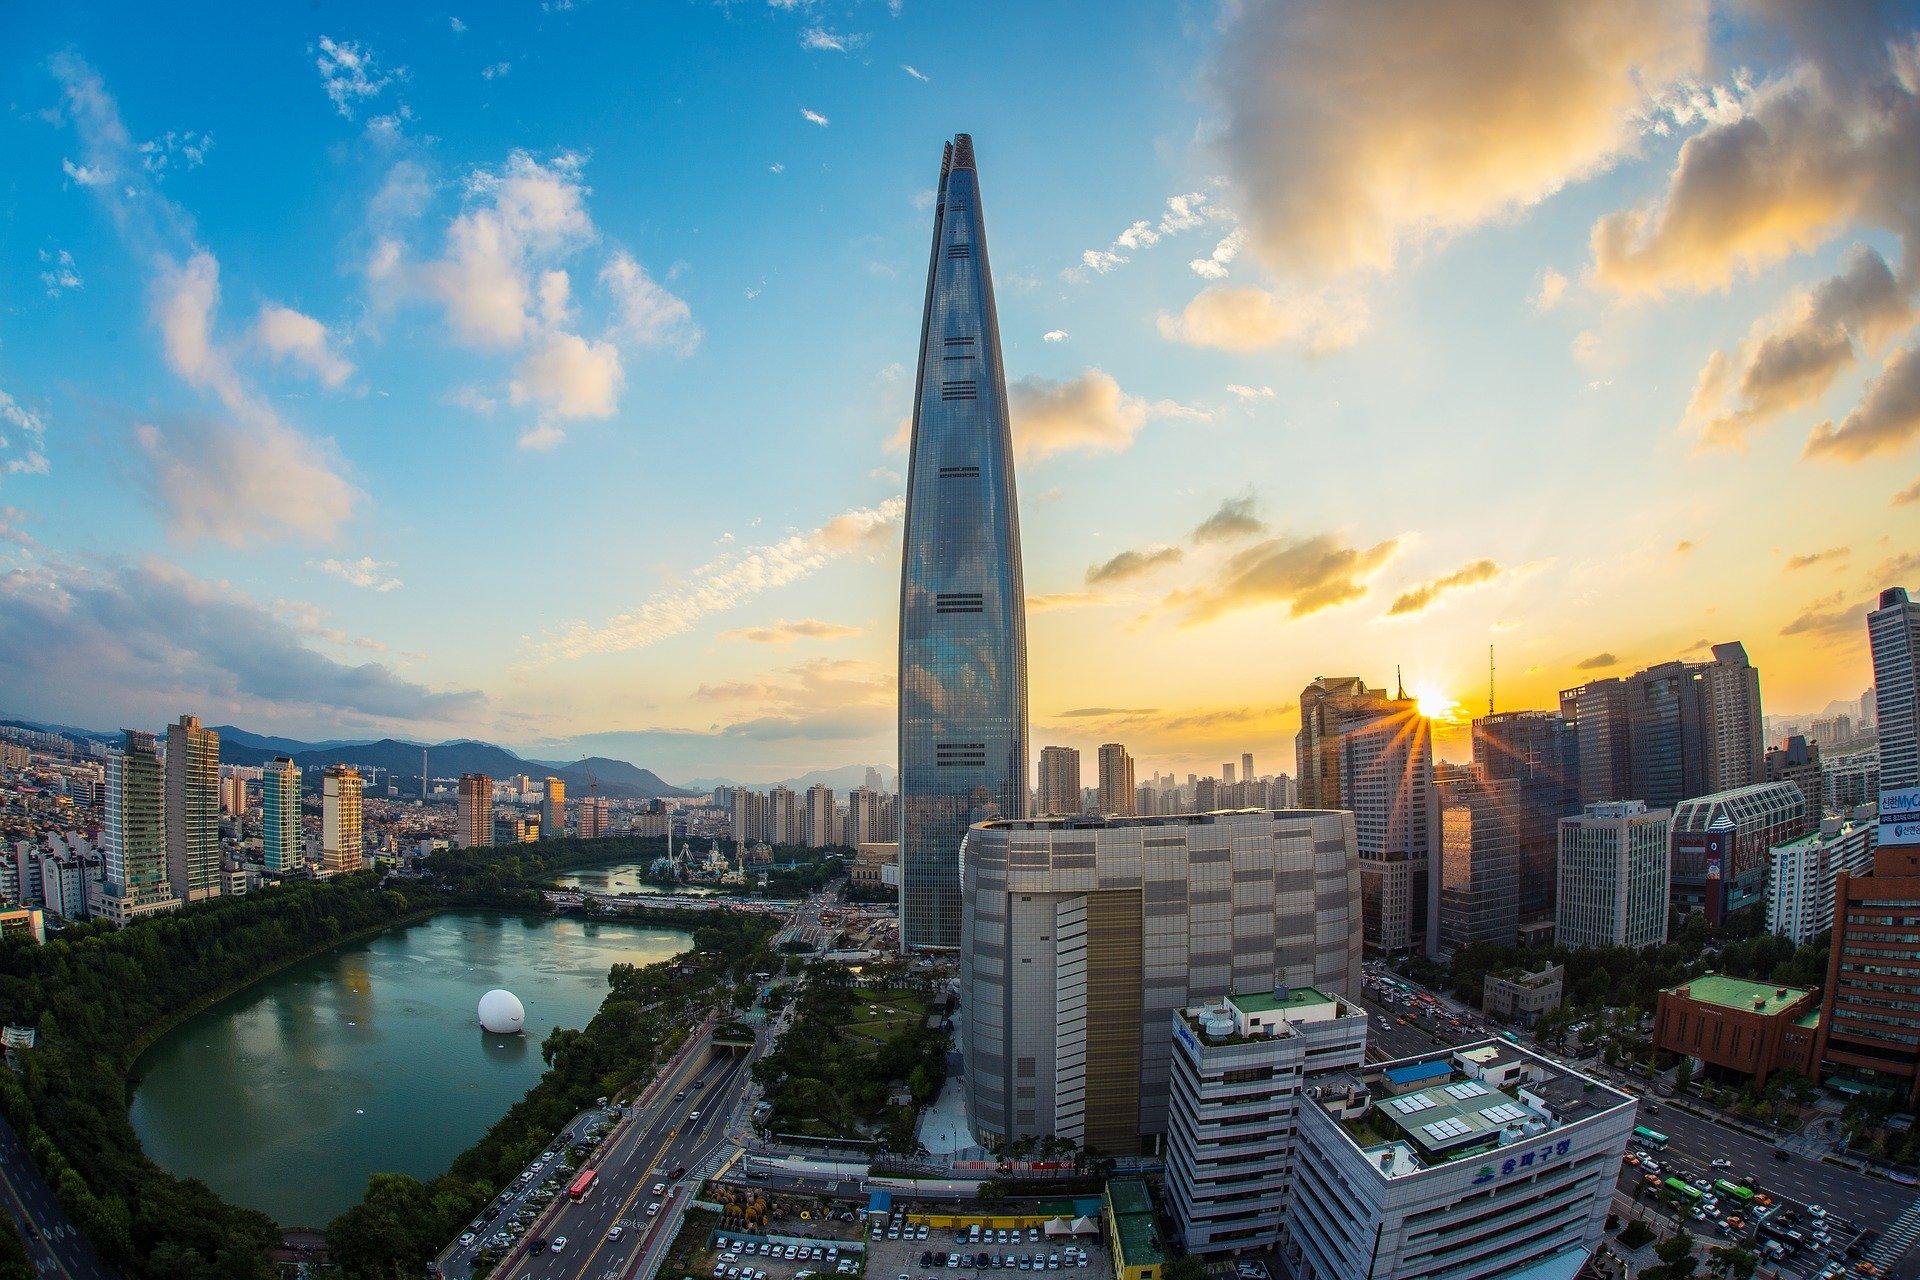 北朝鮮が弾道弾を発射、元統合幕僚長の岩崎氏「我が国周辺のみならず米国への脅威にも」